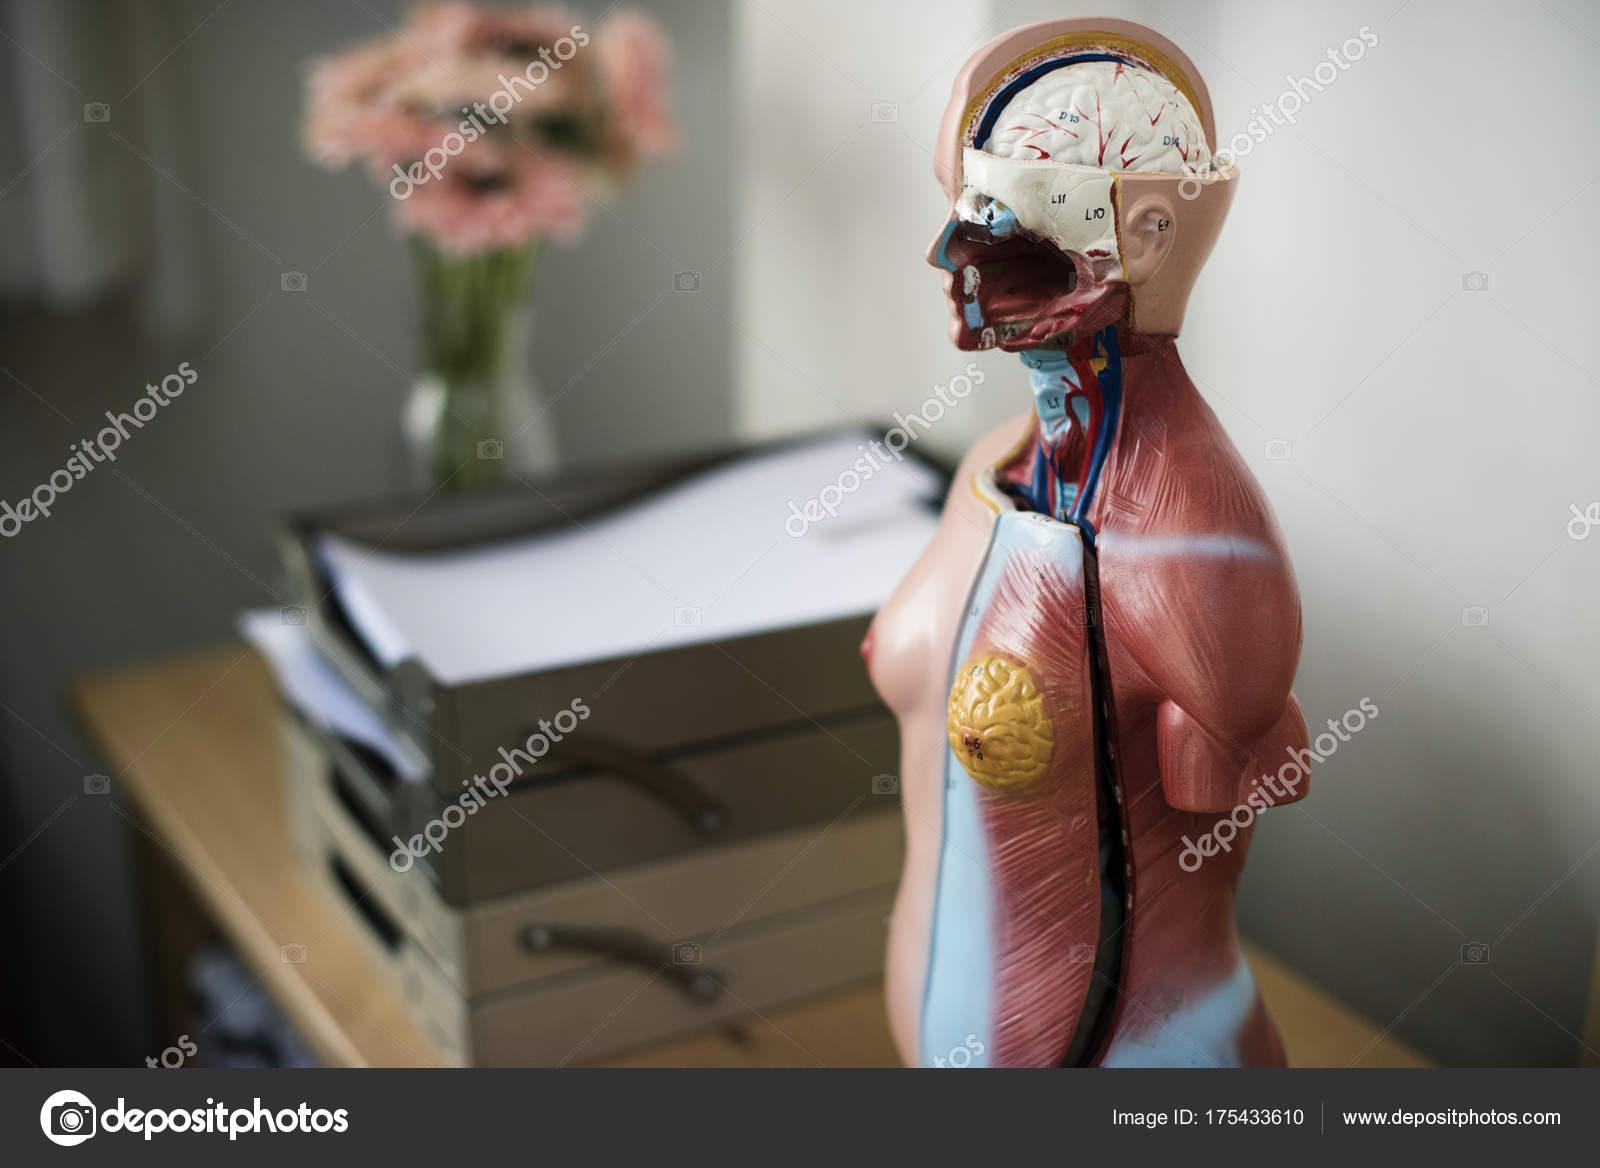 Menschliche Anatomie Modell Original Fotoset — Stockfoto © Rawpixel ...